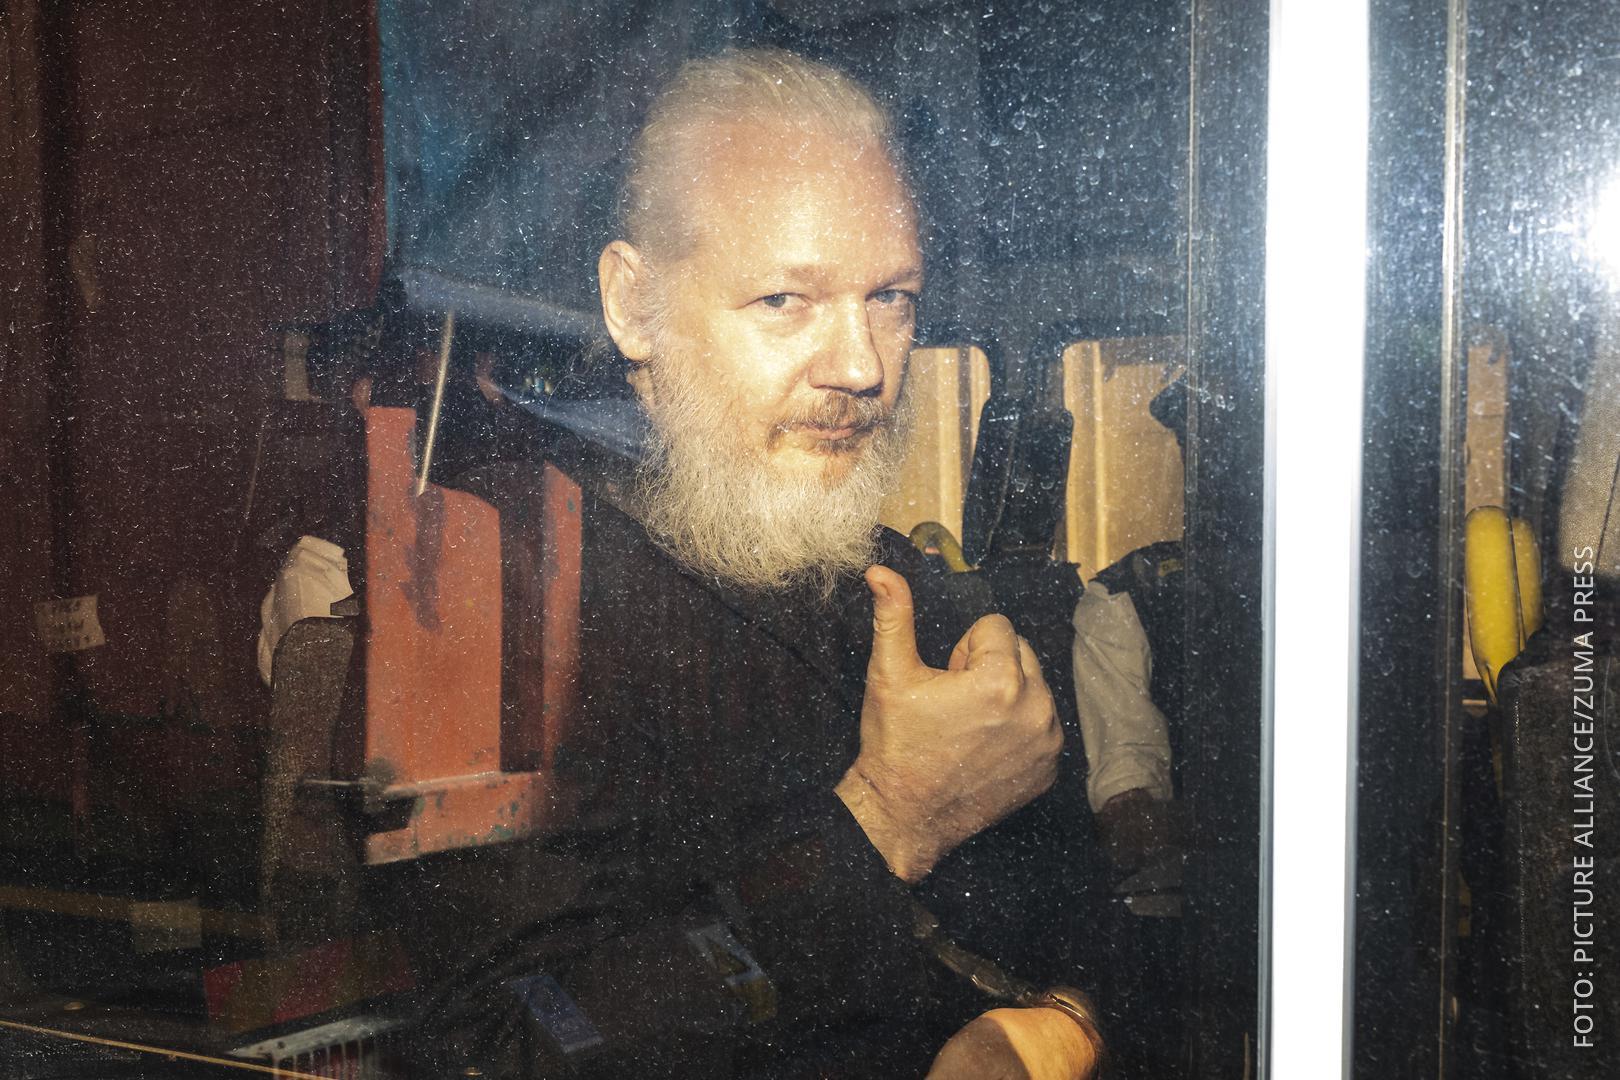 Julian Assange im Polizeiwagen